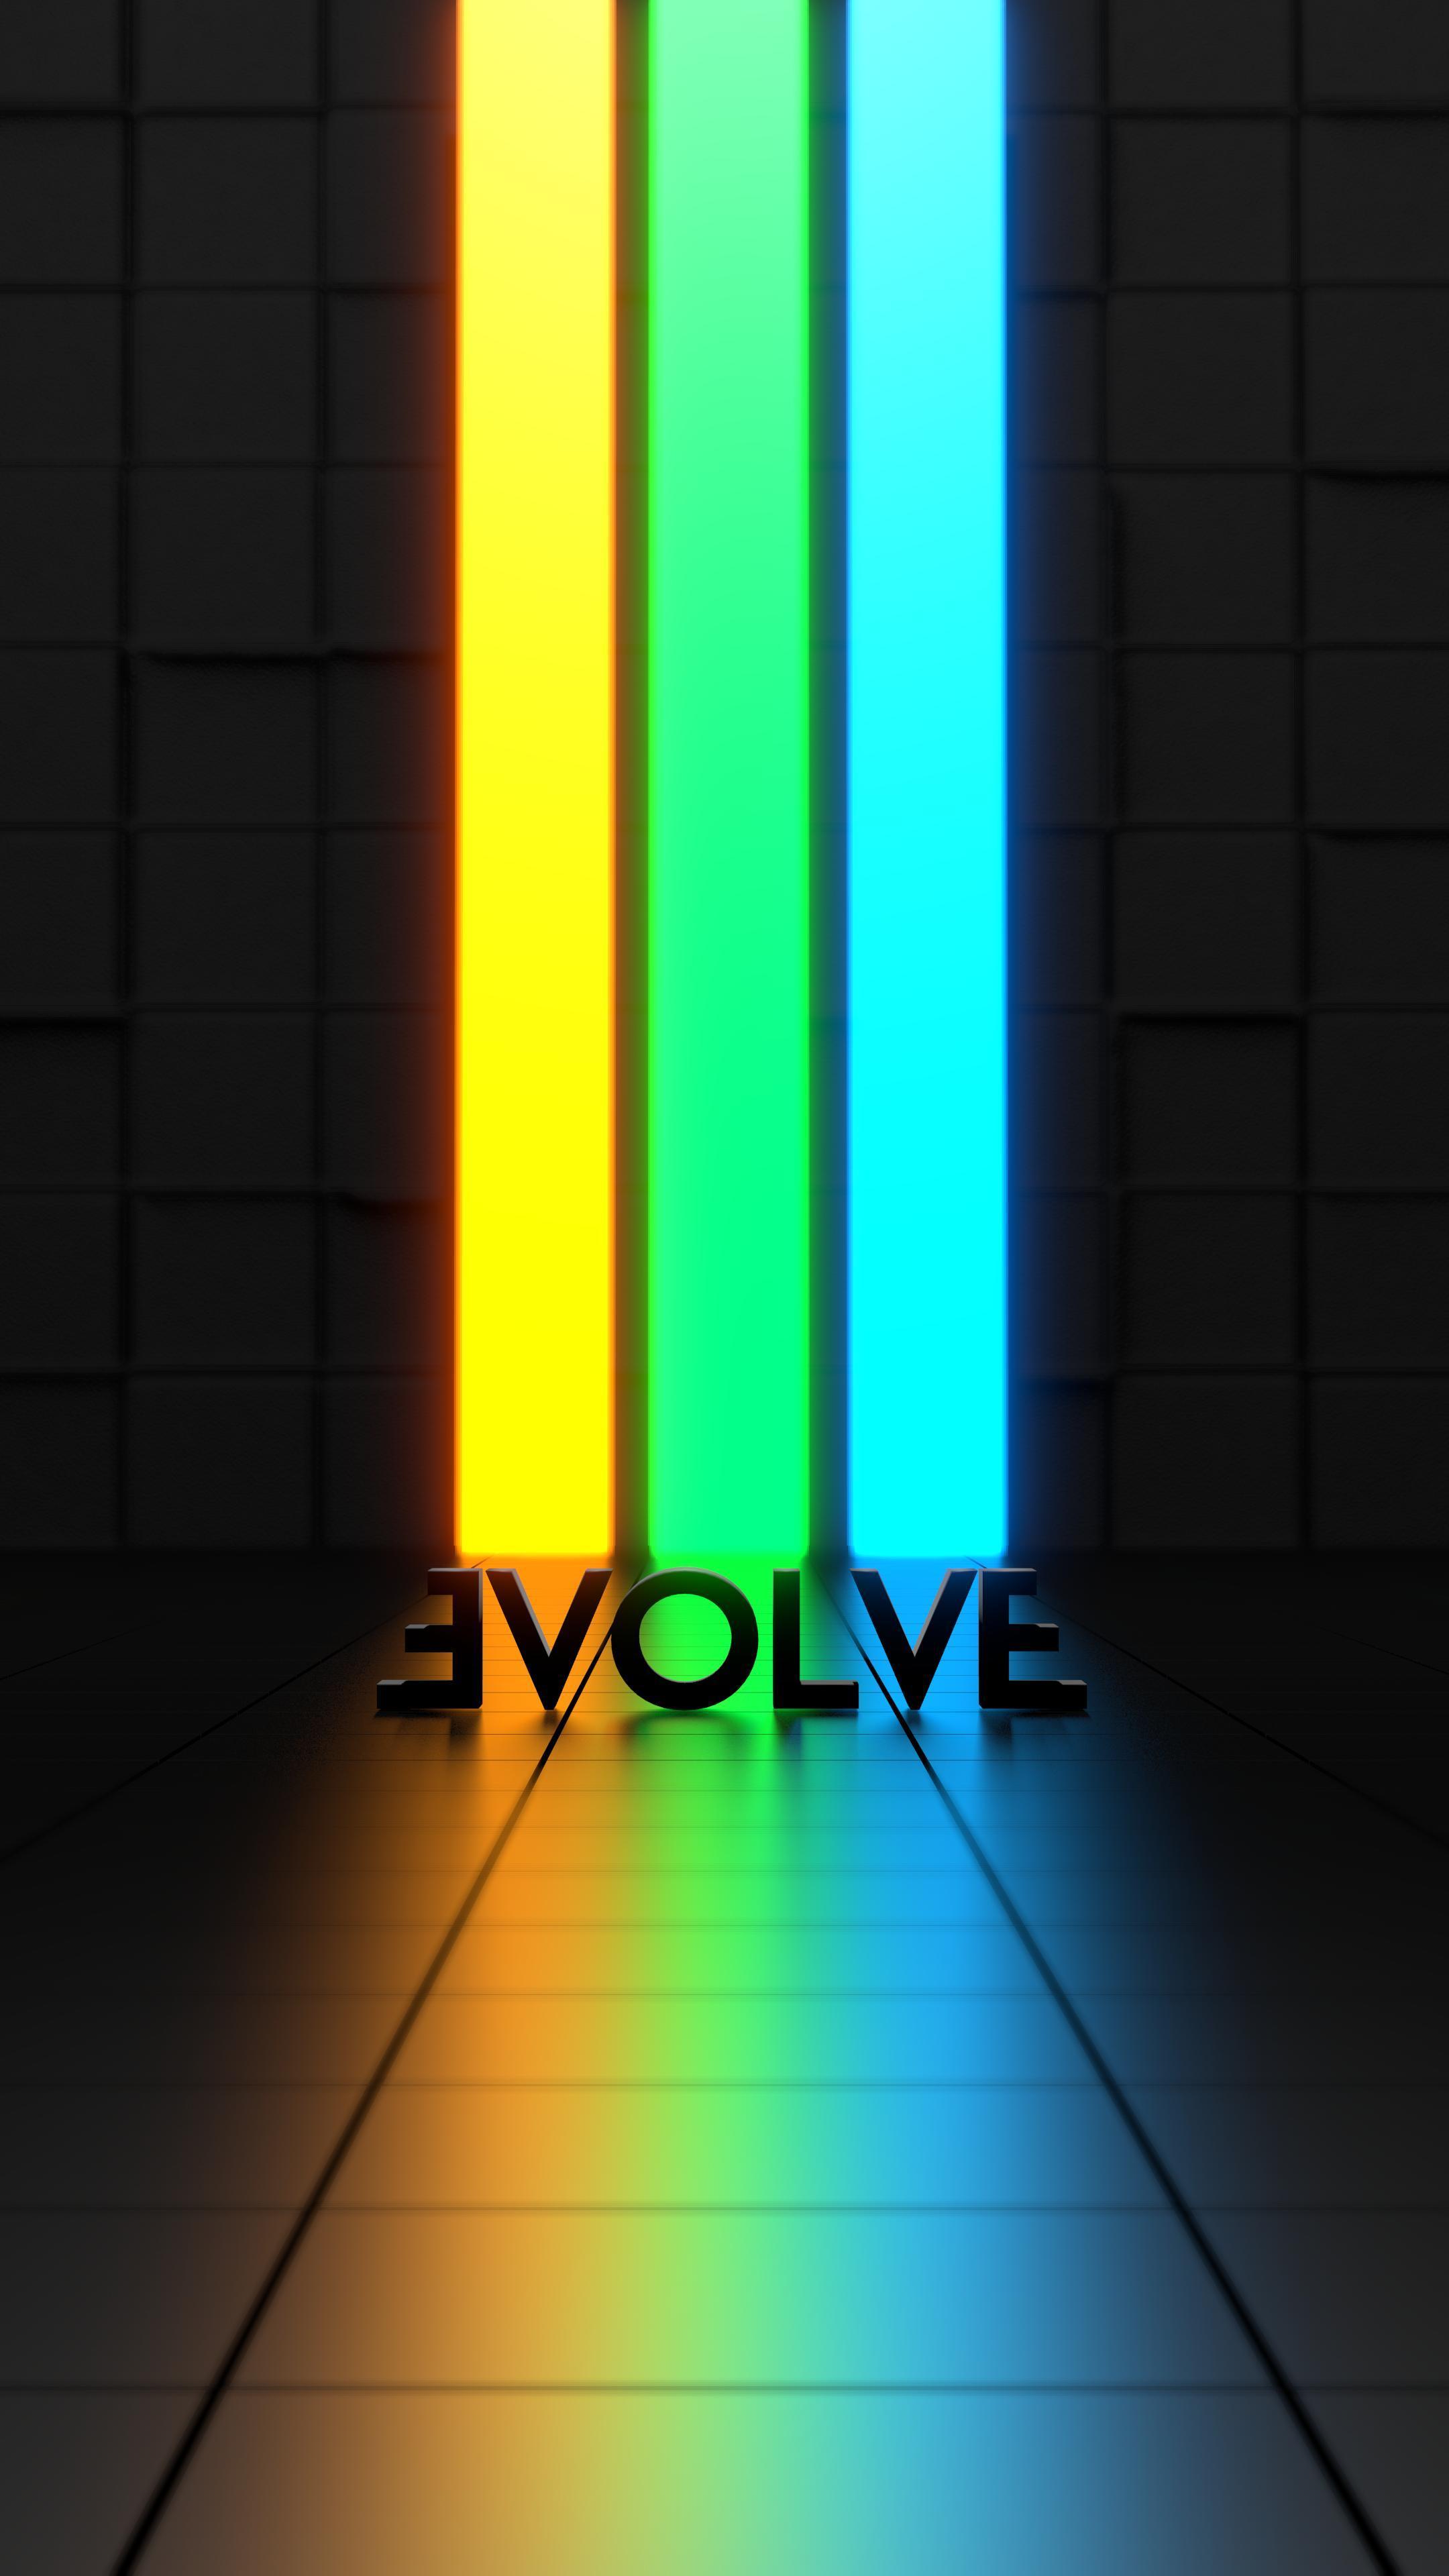 Evolve Wallpaper Imagine Dragons